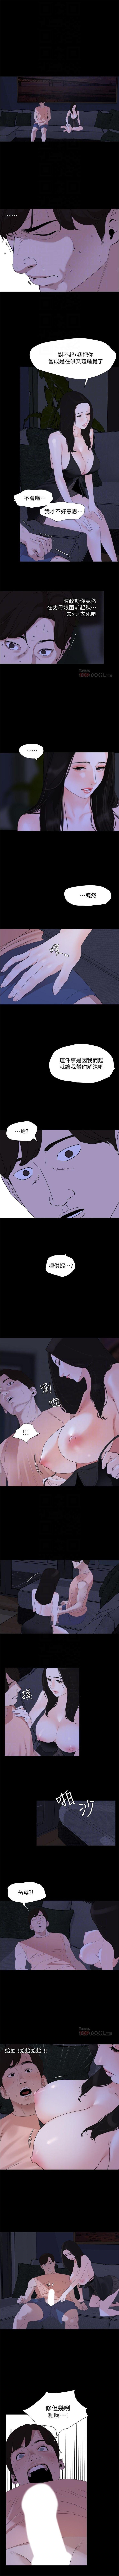 與岳母同屋 1-16 官方中文(連載中) 29